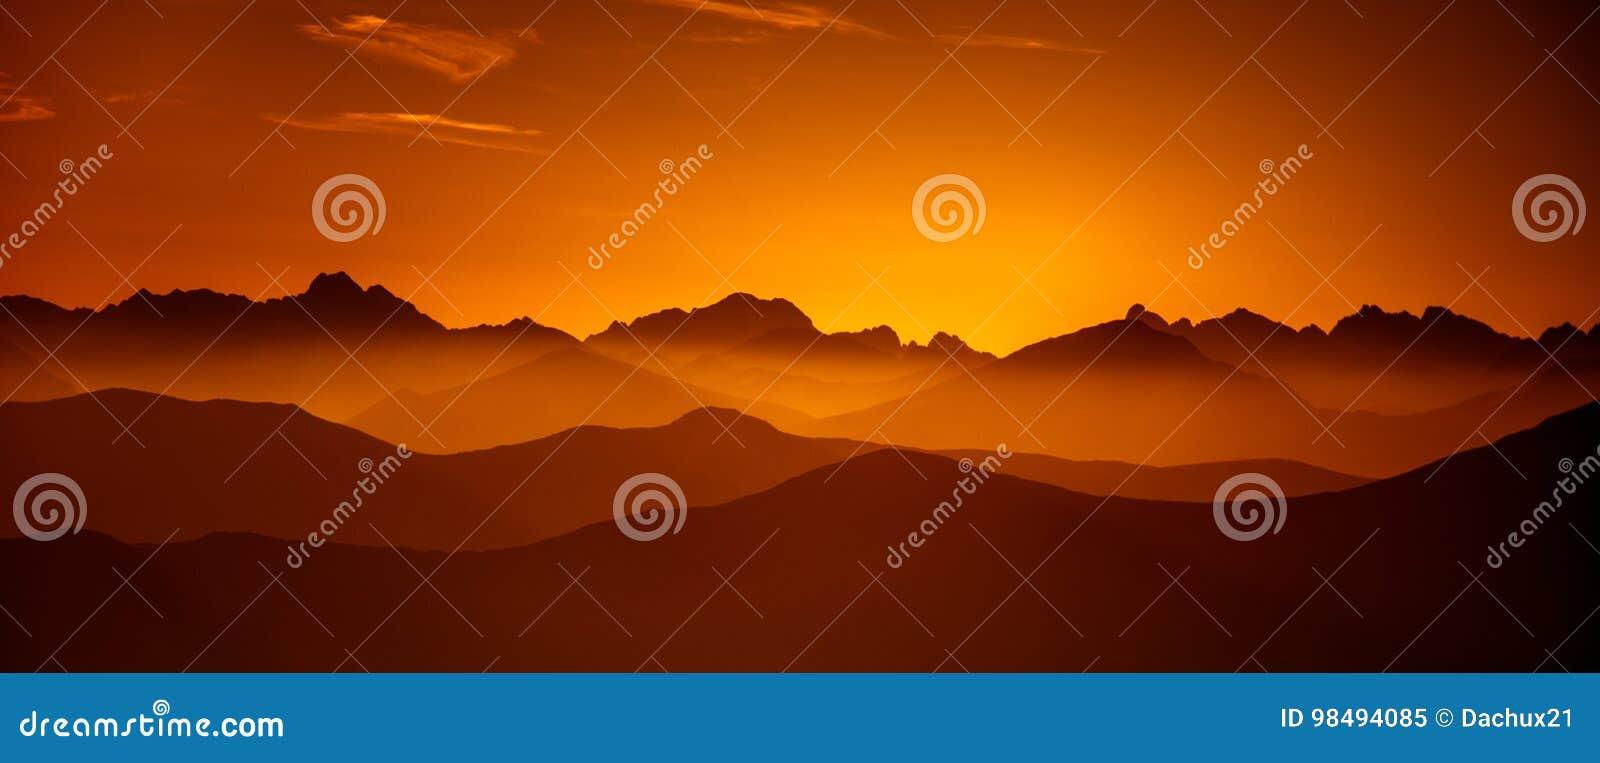 Download Een Mooie Perspectiefmening Boven Bergen Met Een Gradiënt Stock Afbeelding - Afbeelding bestaande uit rand, panoramisch: 98494085